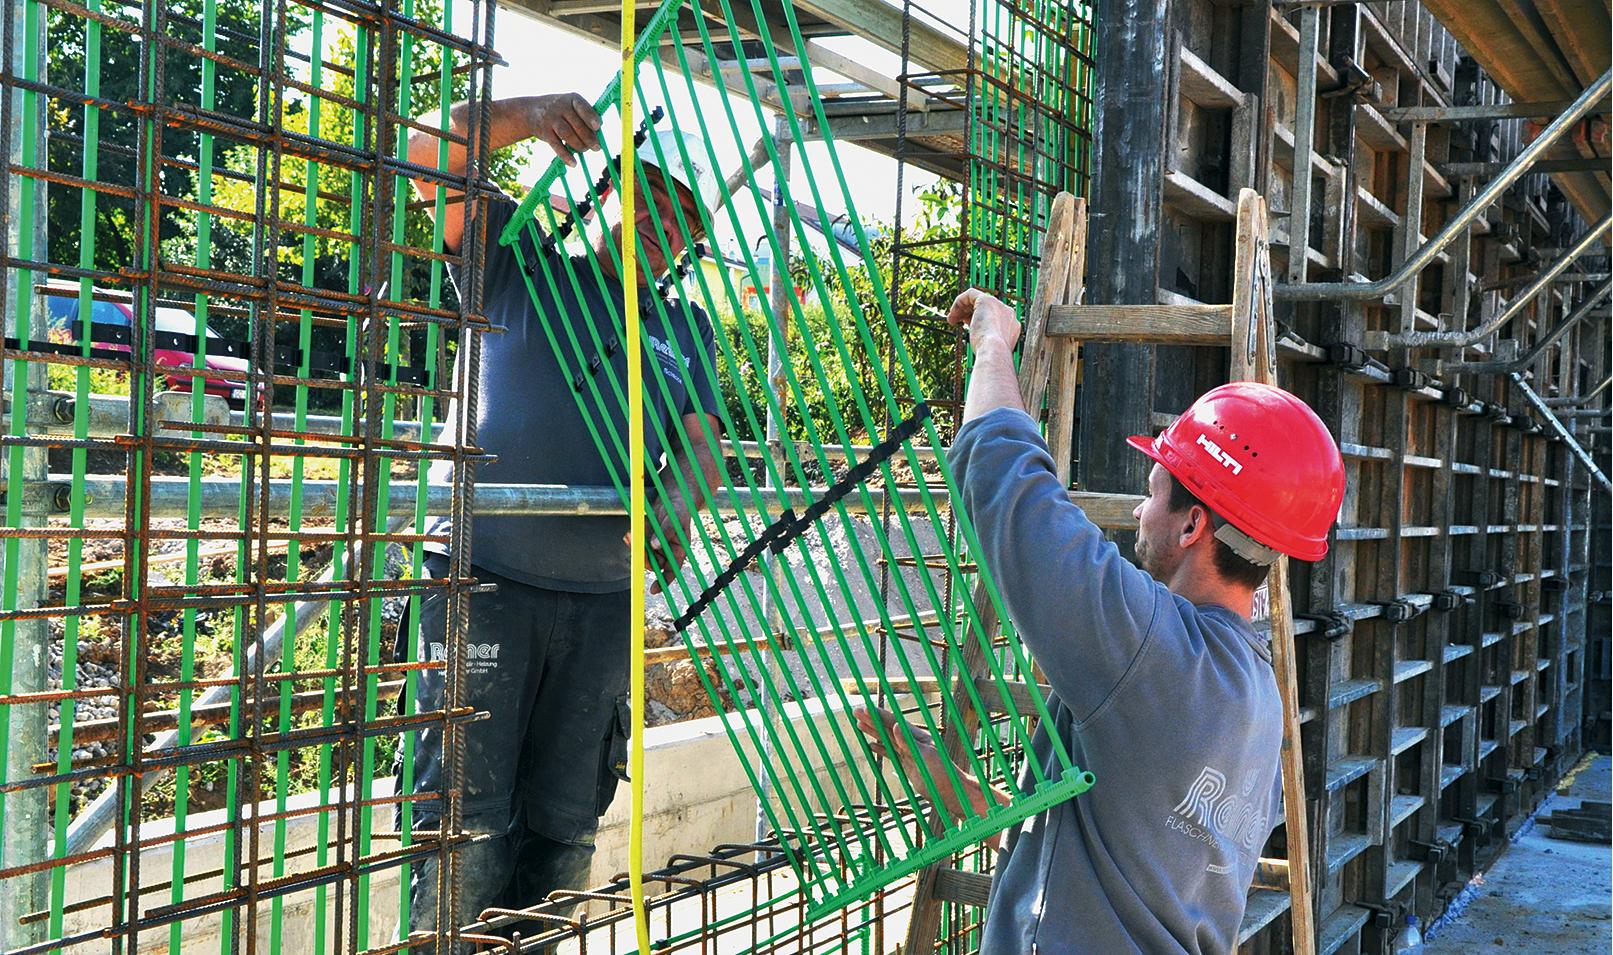 Installation der Wandelemente in Markgröningen. Ihre Wärmeleistung sollte im Trockenbau etwa 30 W/m2 betragen, im Nassbau/Betonkernaktivierung 50 W/m2